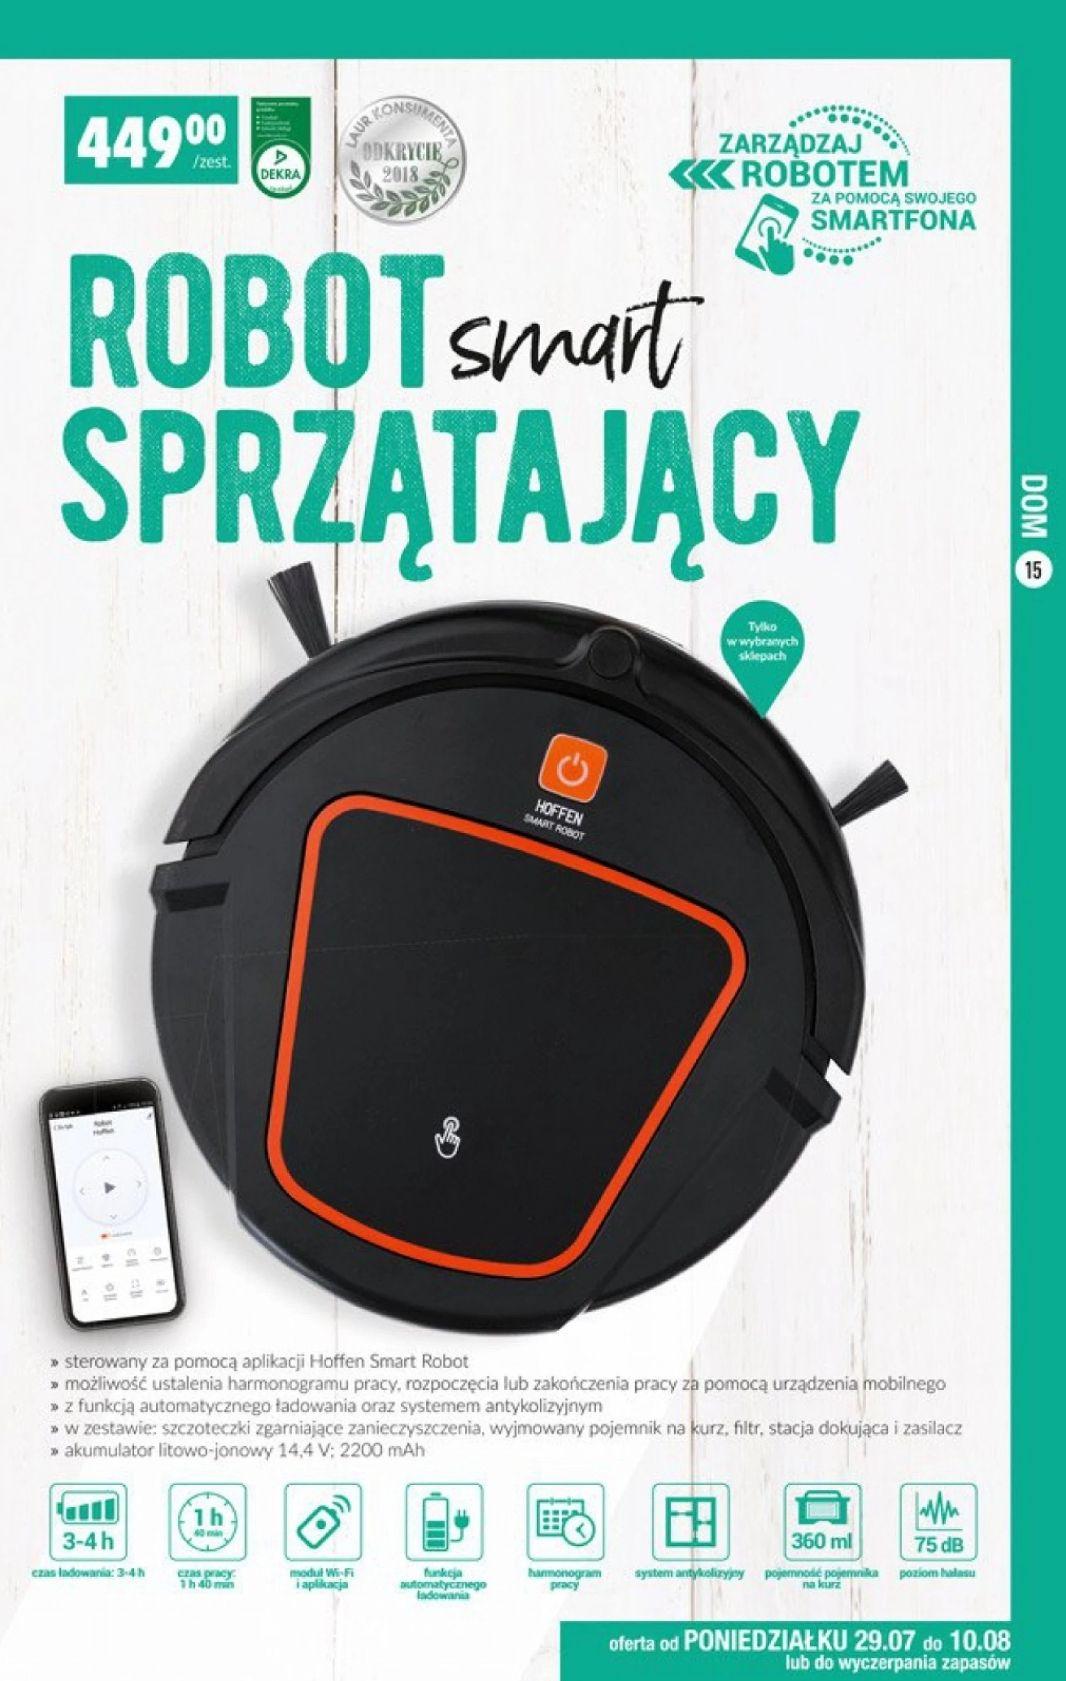 Smart Robot Sprzątający - Biedronka